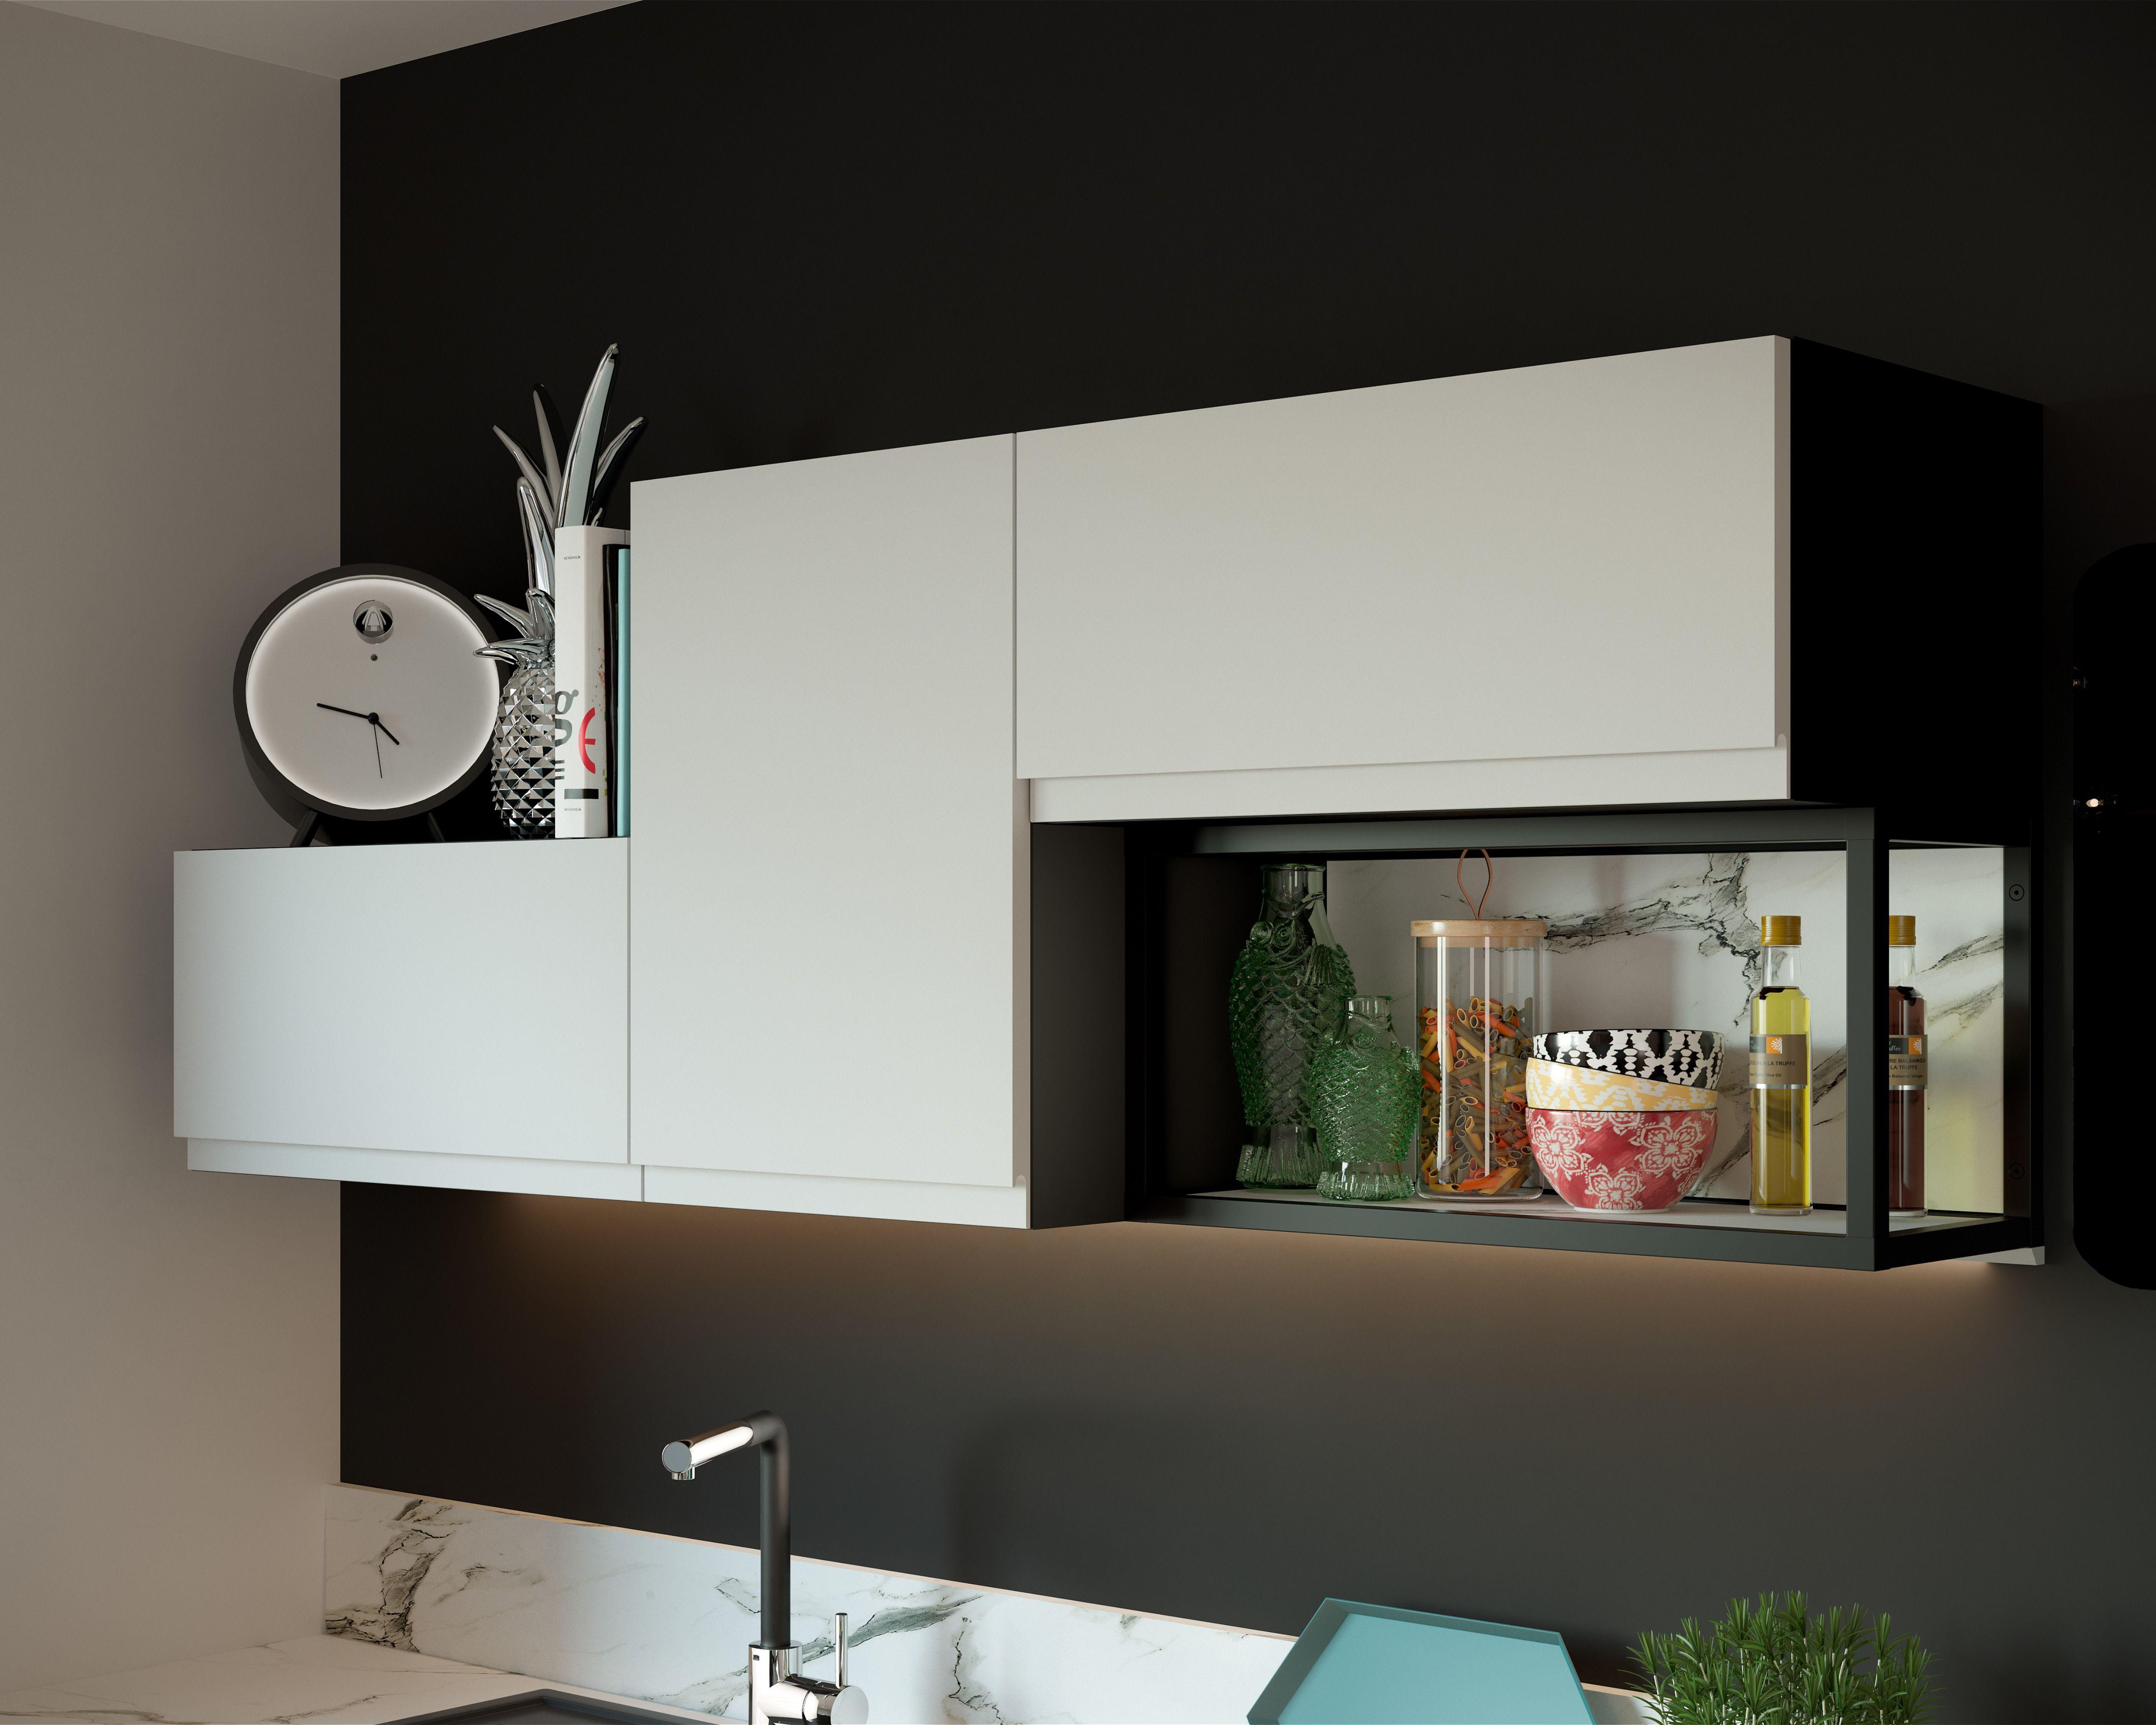 Cuisine Noire Et Blanche Modele De Cuisine Manhattan Par Socoo C Meuble Haut Mobilier De Salon Cuisine Noir Et Blanc